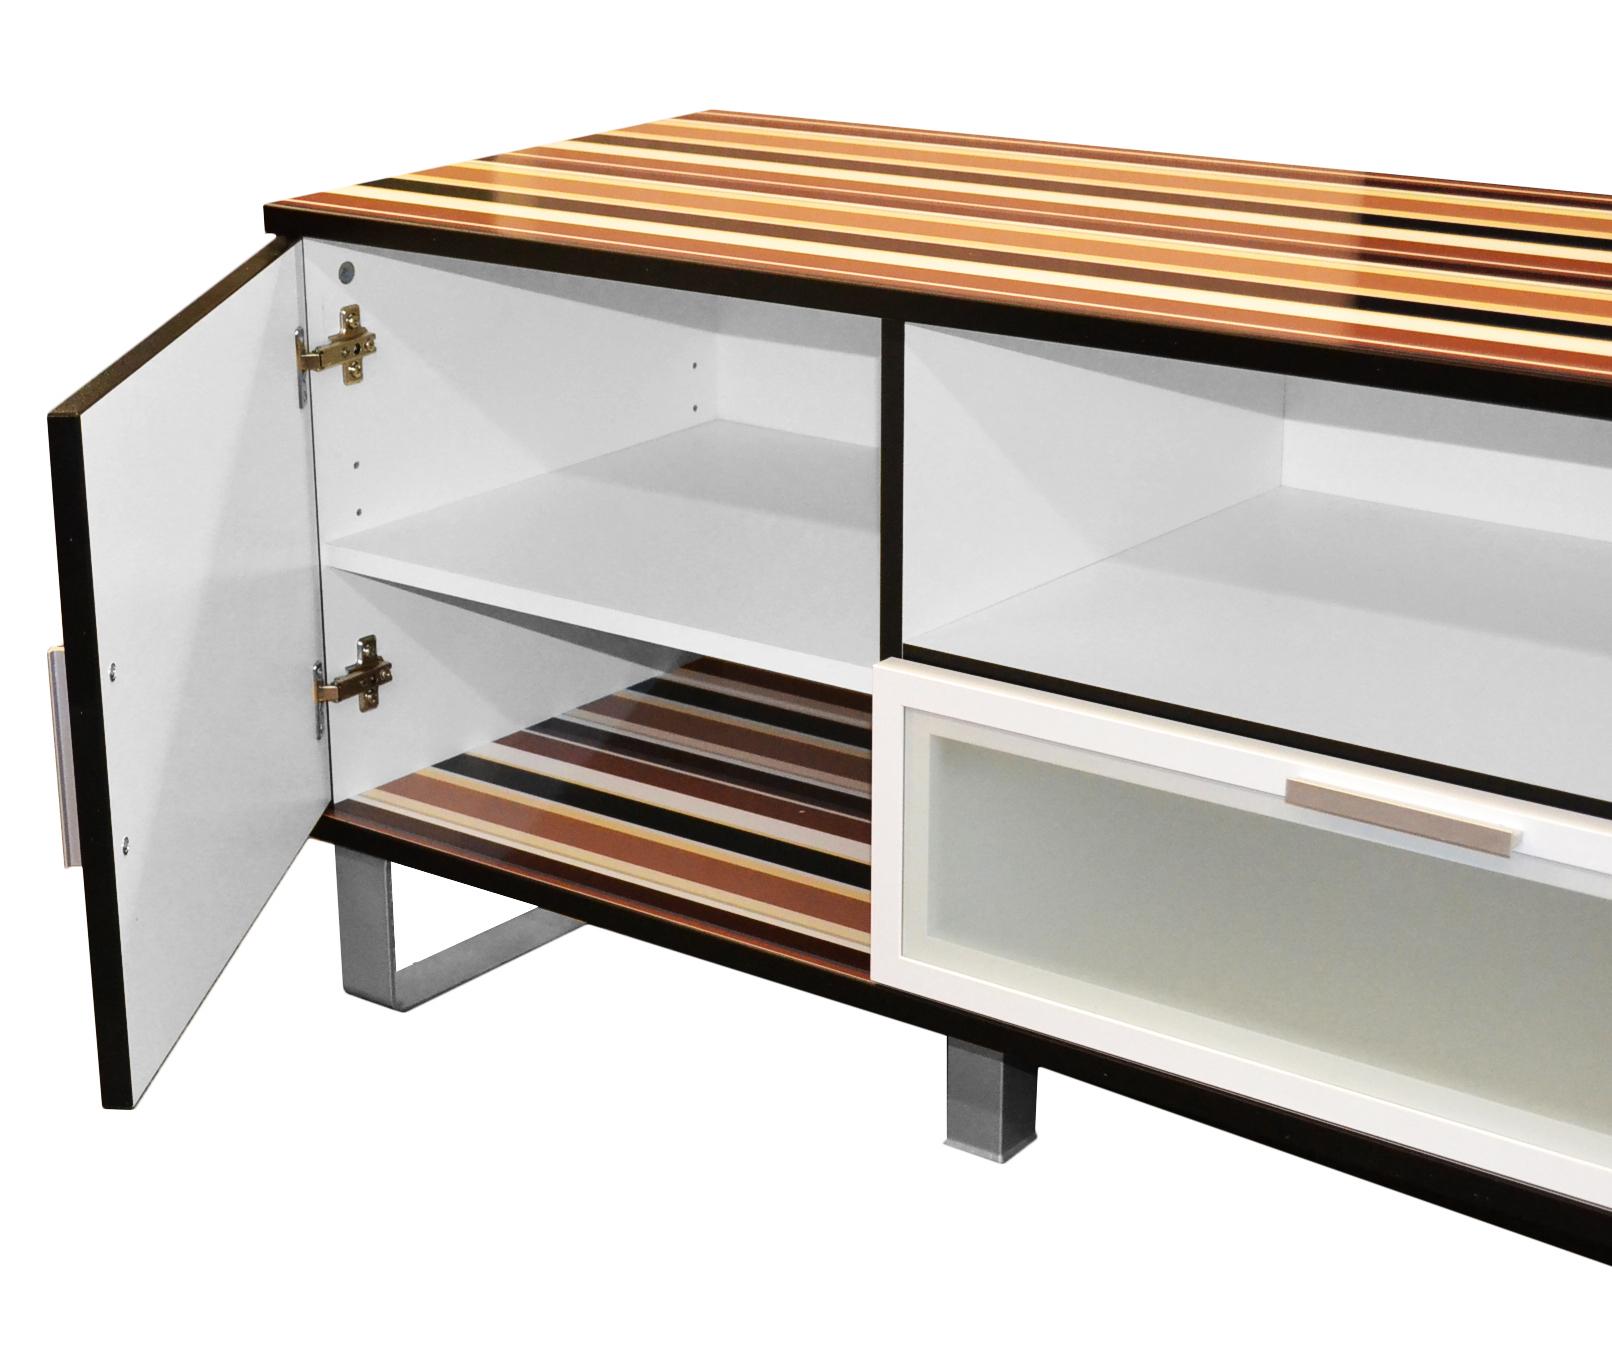 tv lowboard fernsehtisch fernsehschrank tv board hifi rack wohnzimmer retro b ebay. Black Bedroom Furniture Sets. Home Design Ideas